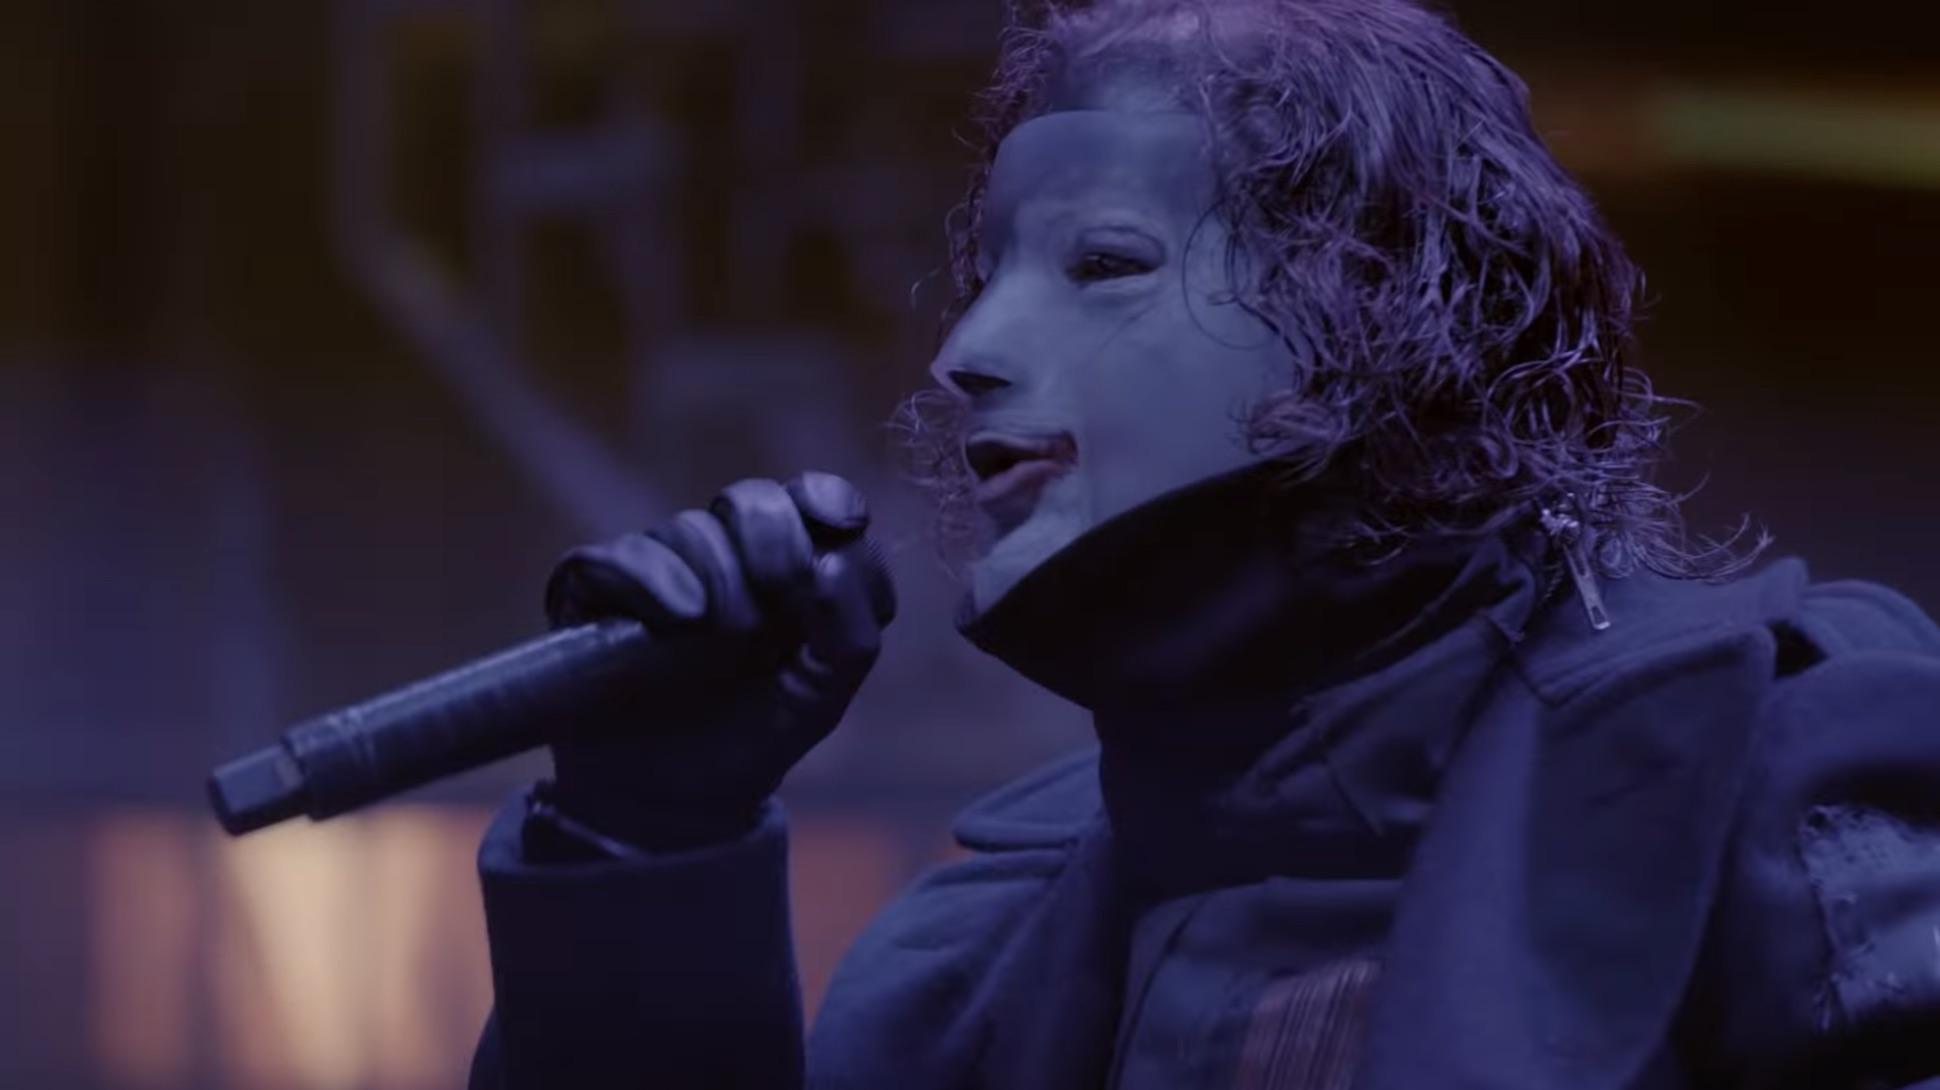 Кровь, насилие и ню-метал. Группа Slipknot записала песню для сатиры про супергероев